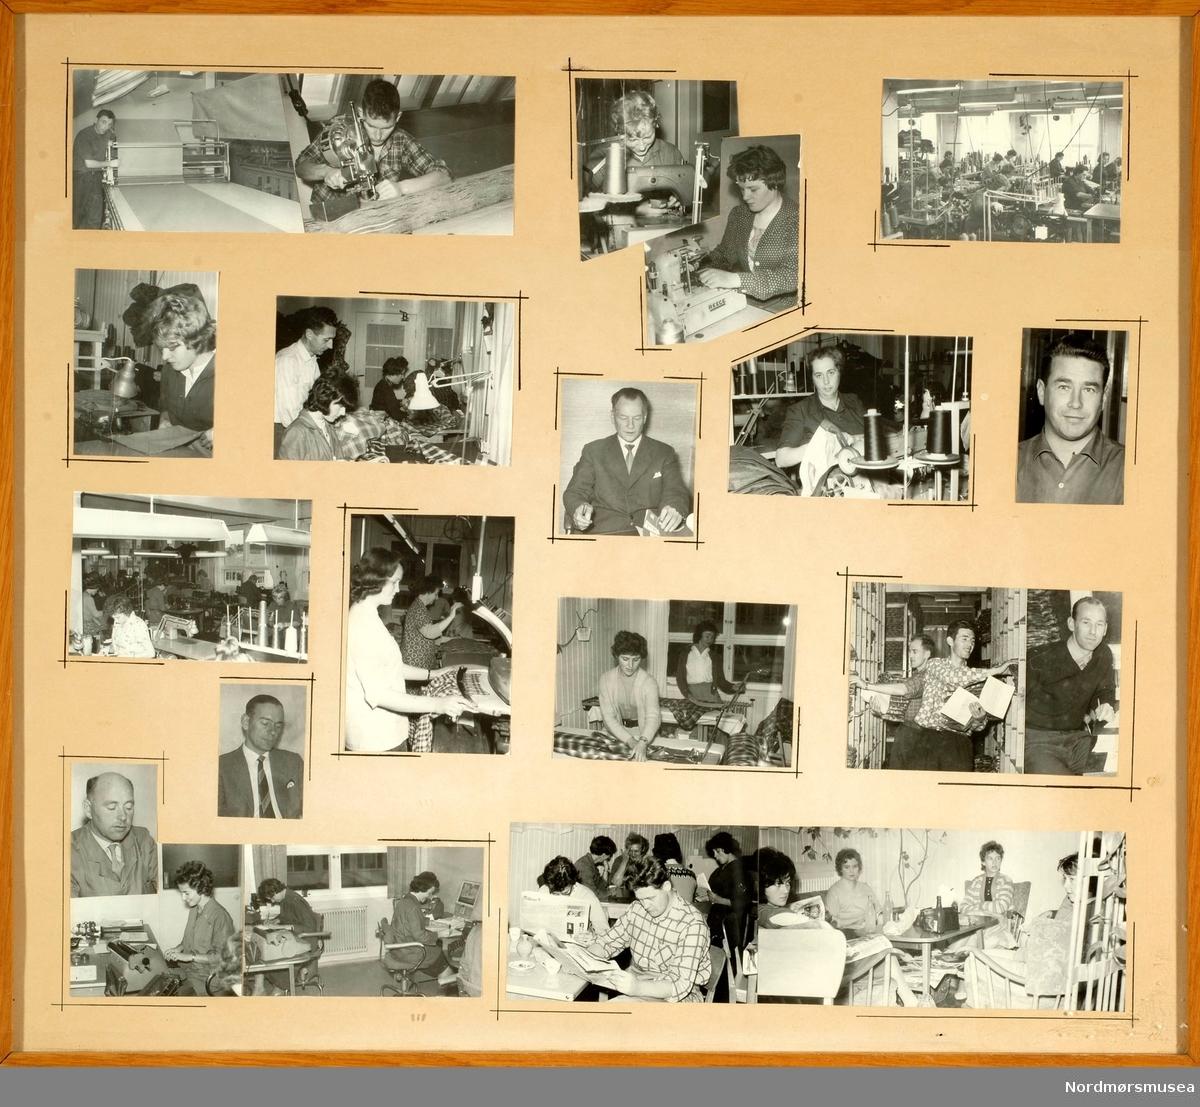 Fotomontasje fra Berserk fabrikker A/S på Kirkelandet i Kristiansund, hvor vi ser fra ulike arbeidssituasjoner ved bedriften. Se serie fra KMb-1998-010.0013_01 til KMb-1998-010.0013_20. Fotoene er trolig datert til 8. oktober 1960 etter de pålimte avisutklippene på baksiden av collaget å dømme. Lokalavisa Tidens Krav er derfor svært sannsynligvis fotograf av disse bildene. Fra Nordmøre museums fotosamlinger. eFR2015